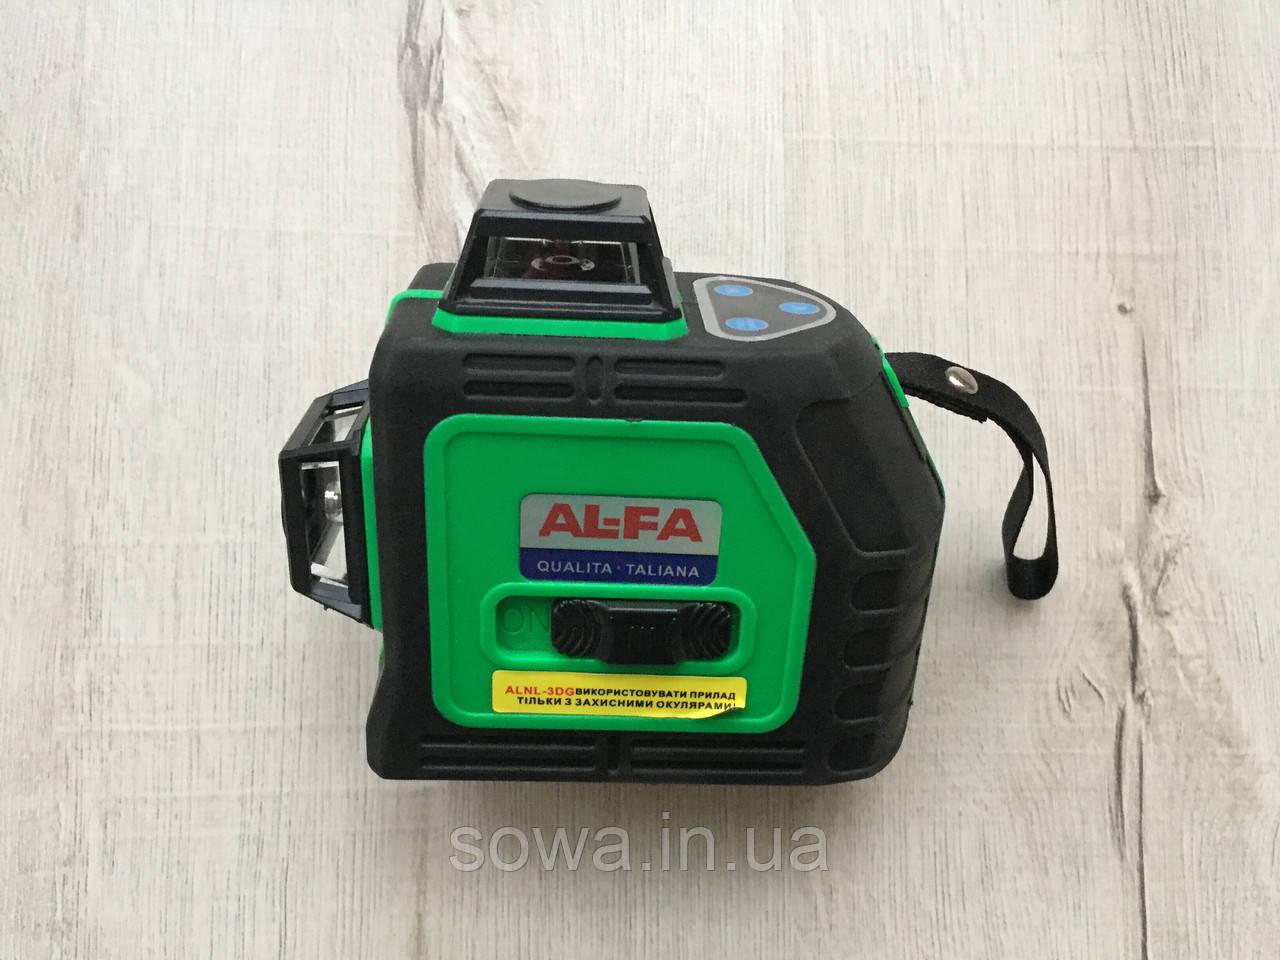 ✔️ Лазерный уровень, нивелир AL-FA_Альфа  ALNL-3DG